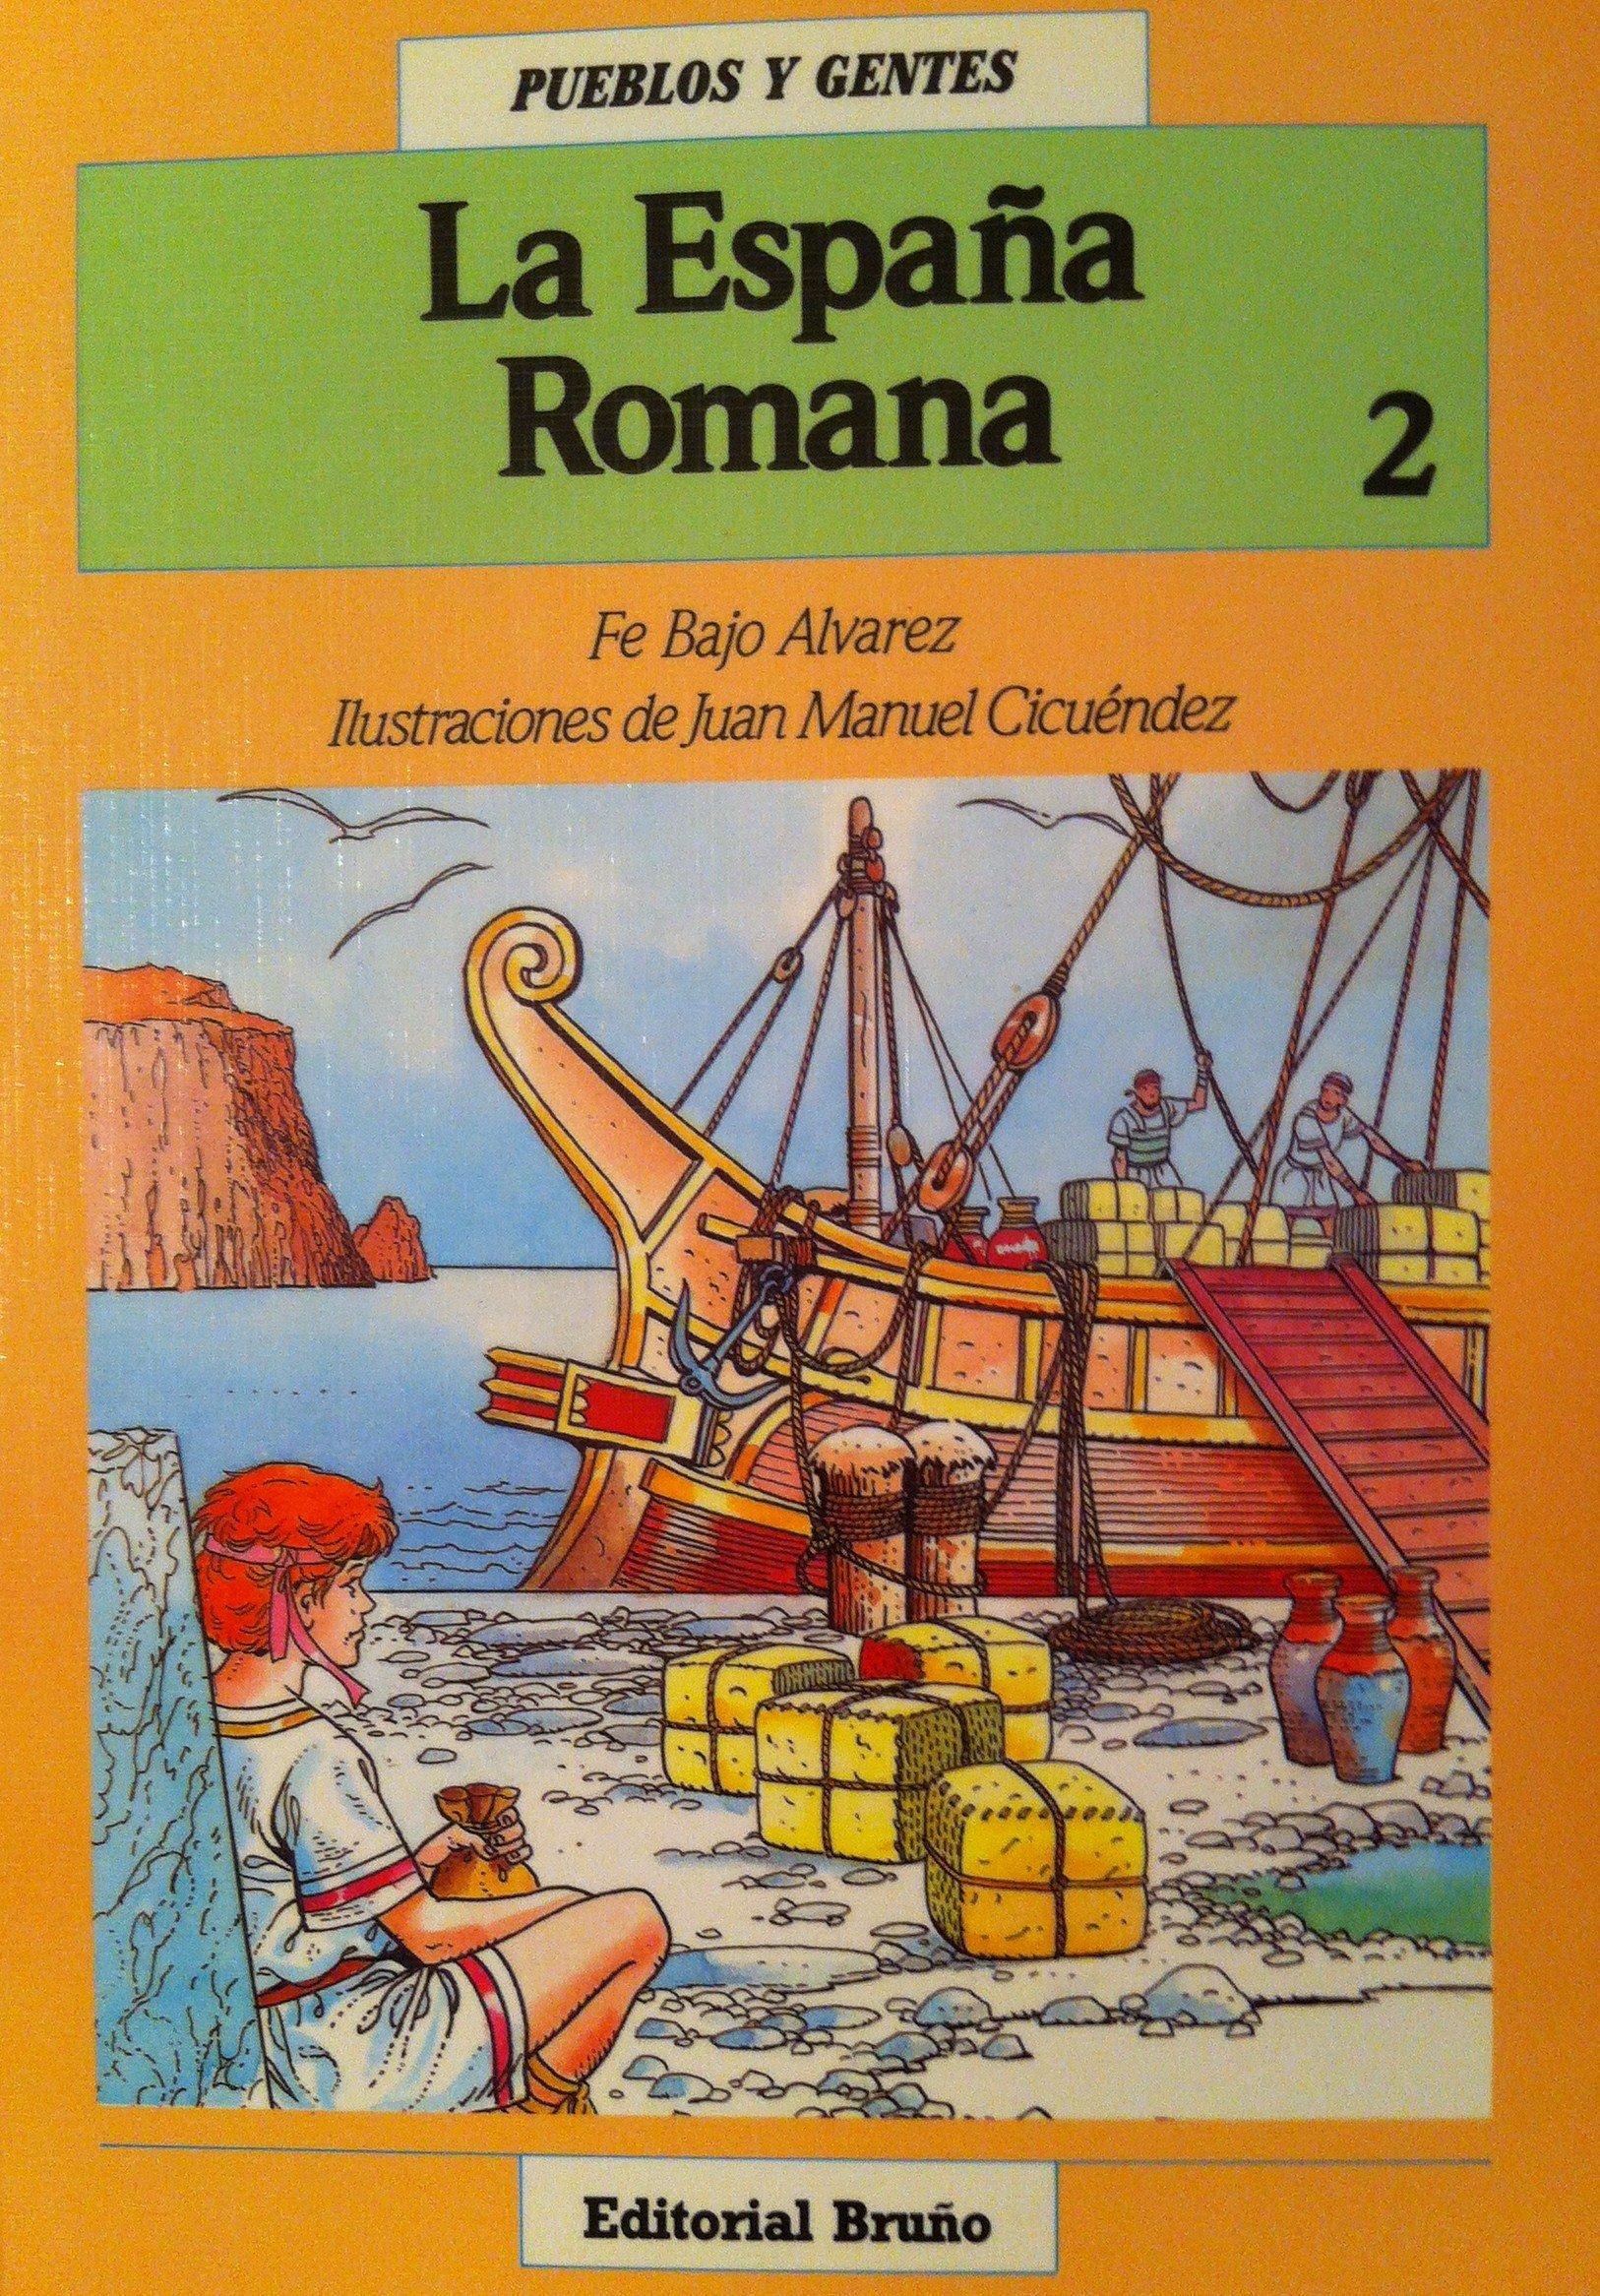 La España romana: Amazon.es: Alvarez, Fe Bajo: Libros en idiomas extranjeros